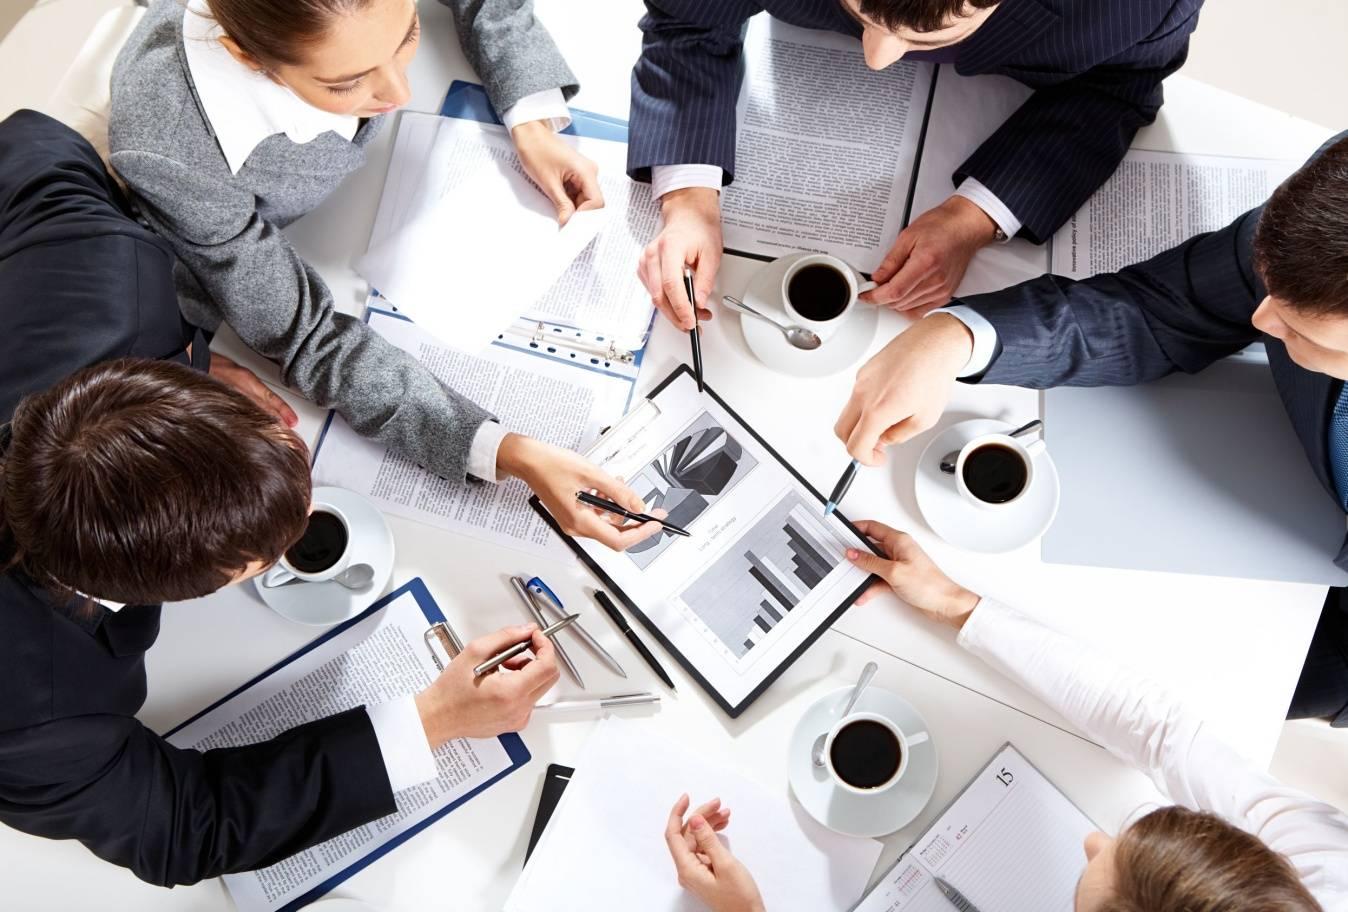 Ведение бизнеса в финляндии: нюансы и преимущества